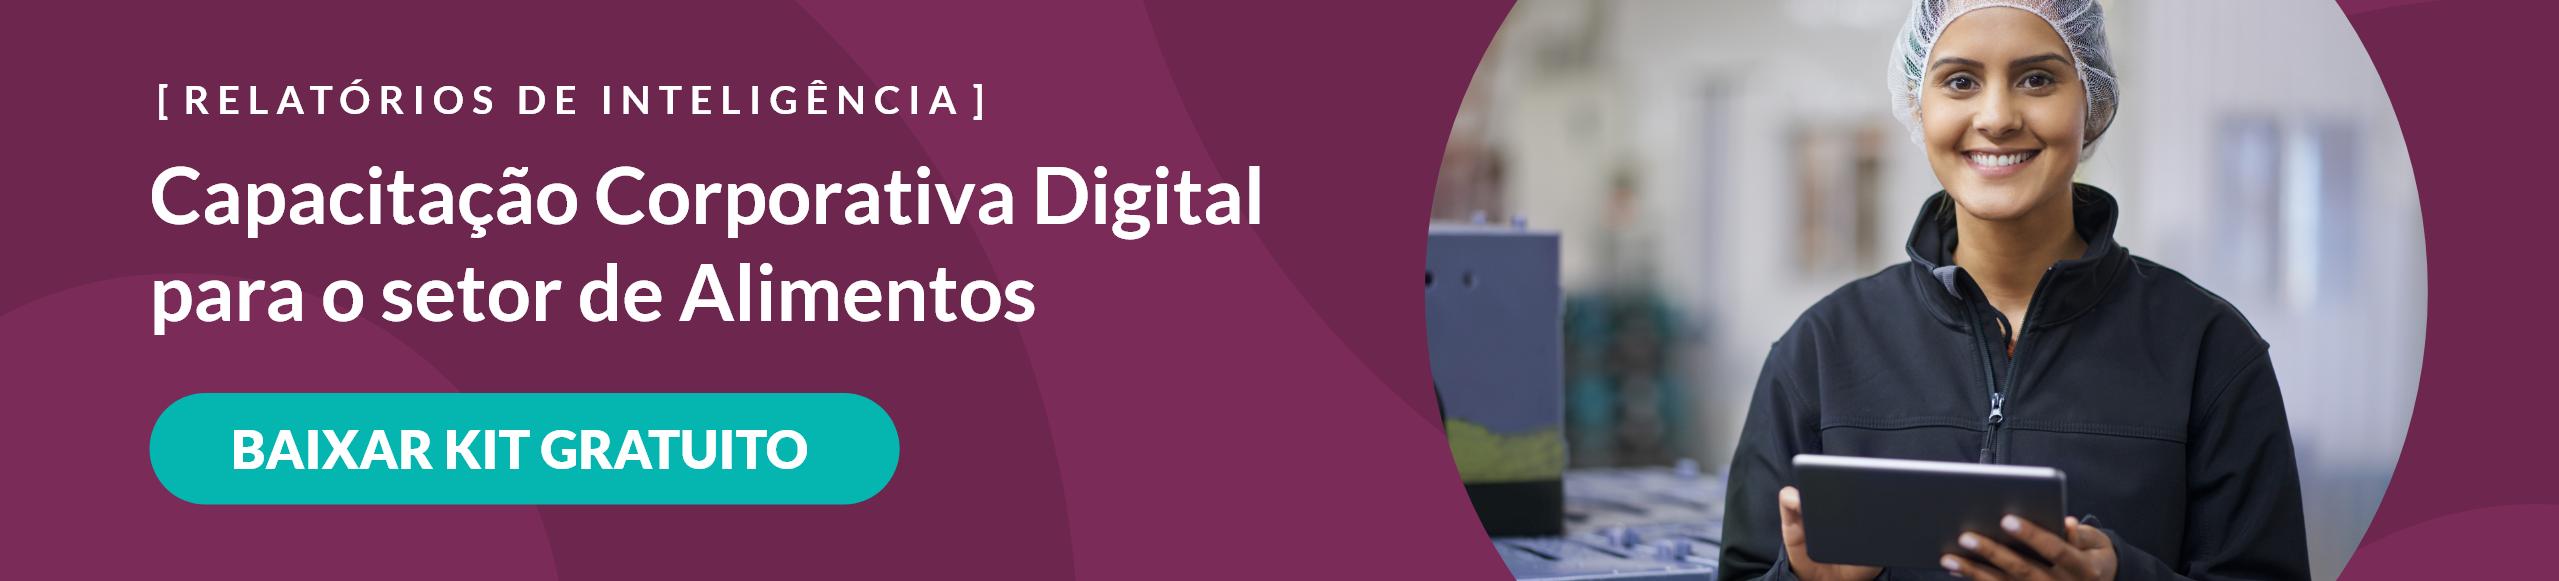 blog-dot-digital-group-relatorios-de-inteligencia-capacitacao-corporativa-digital-para-o-setor-de-alimentos